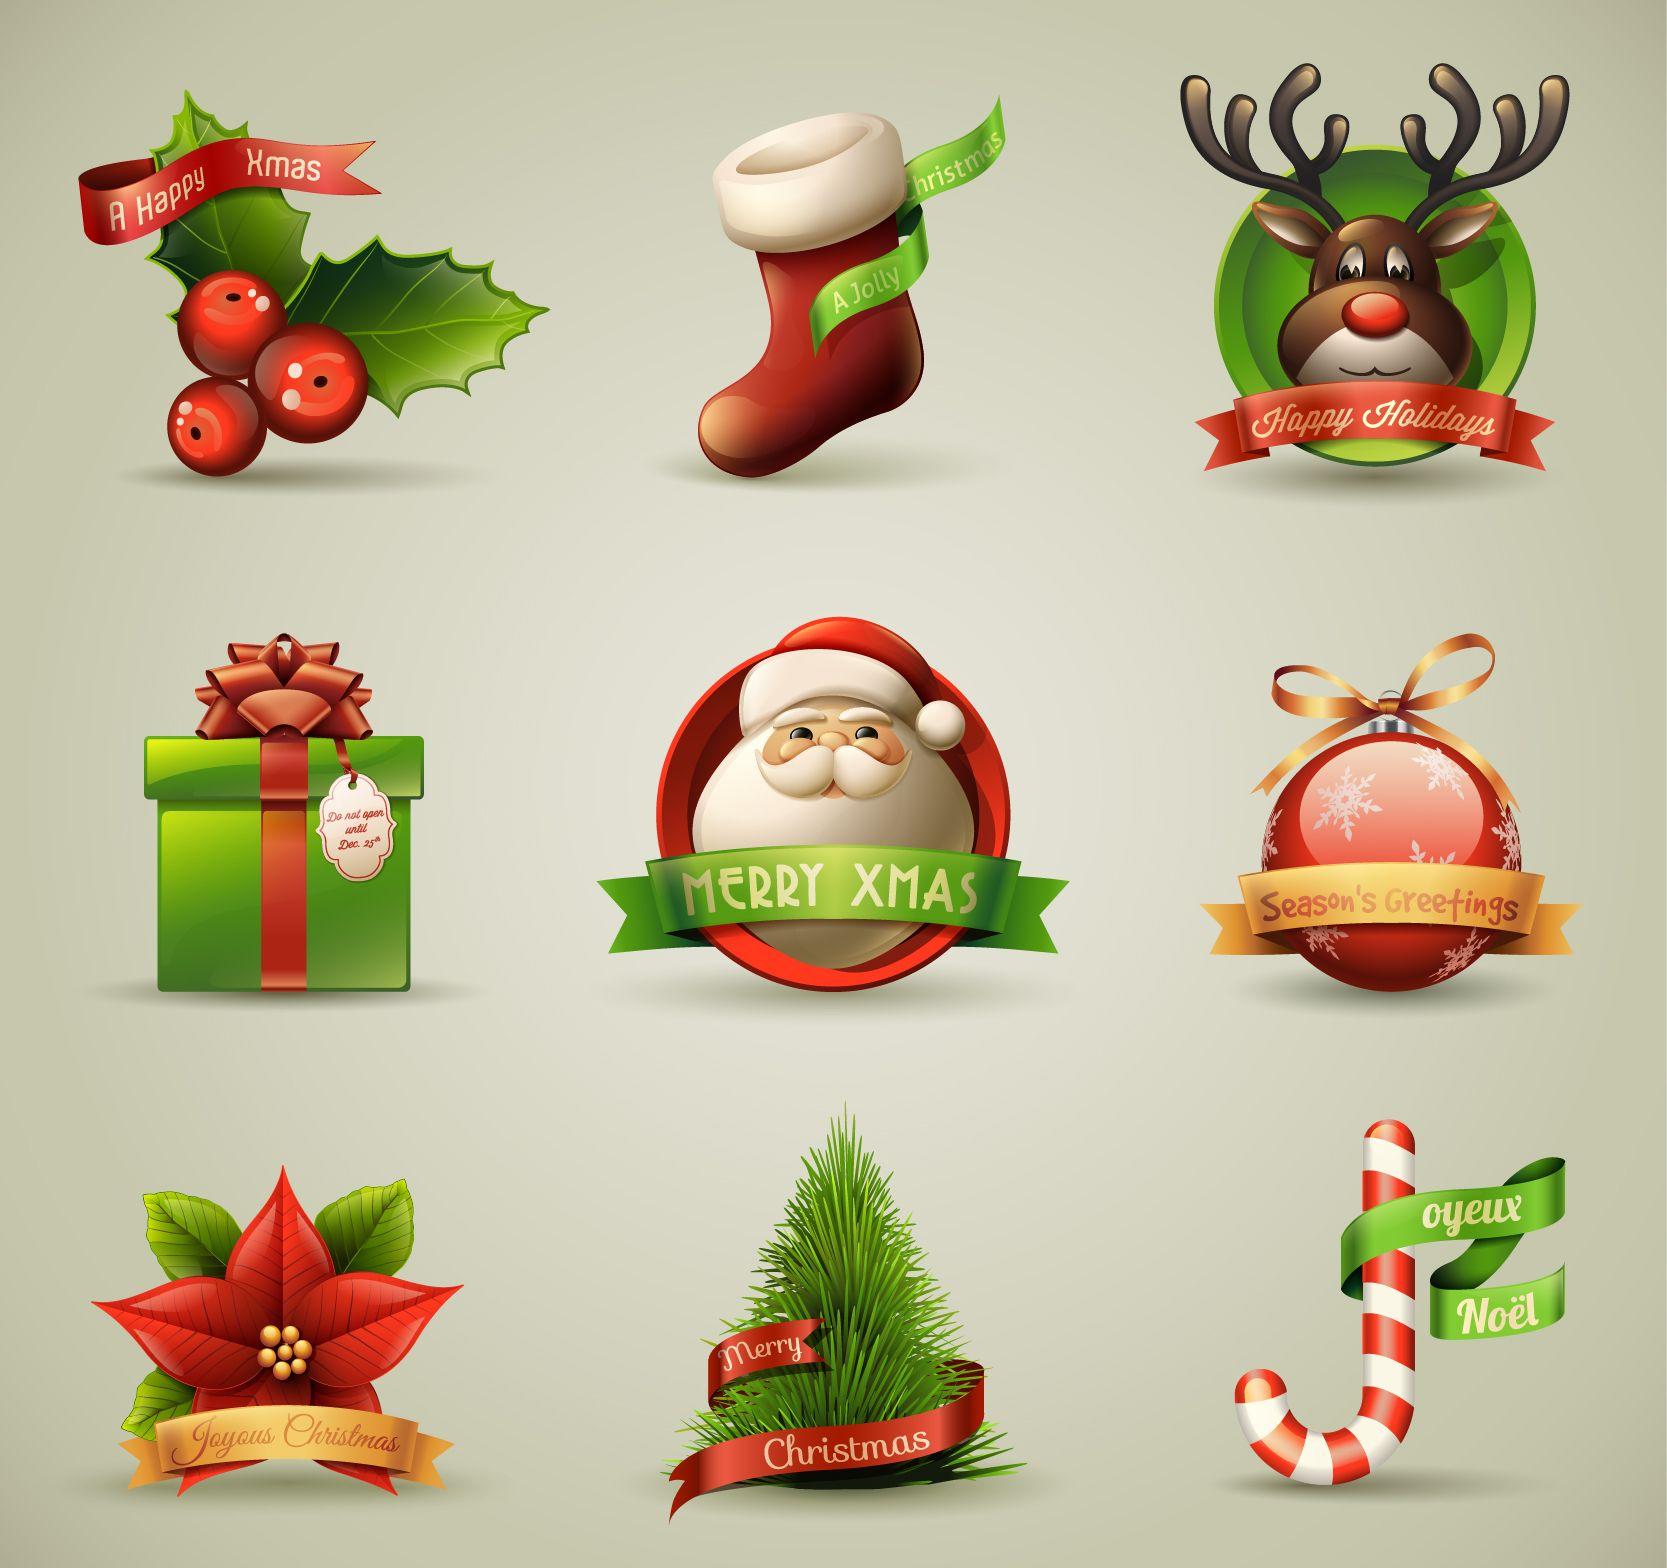 Christmas logos vector.